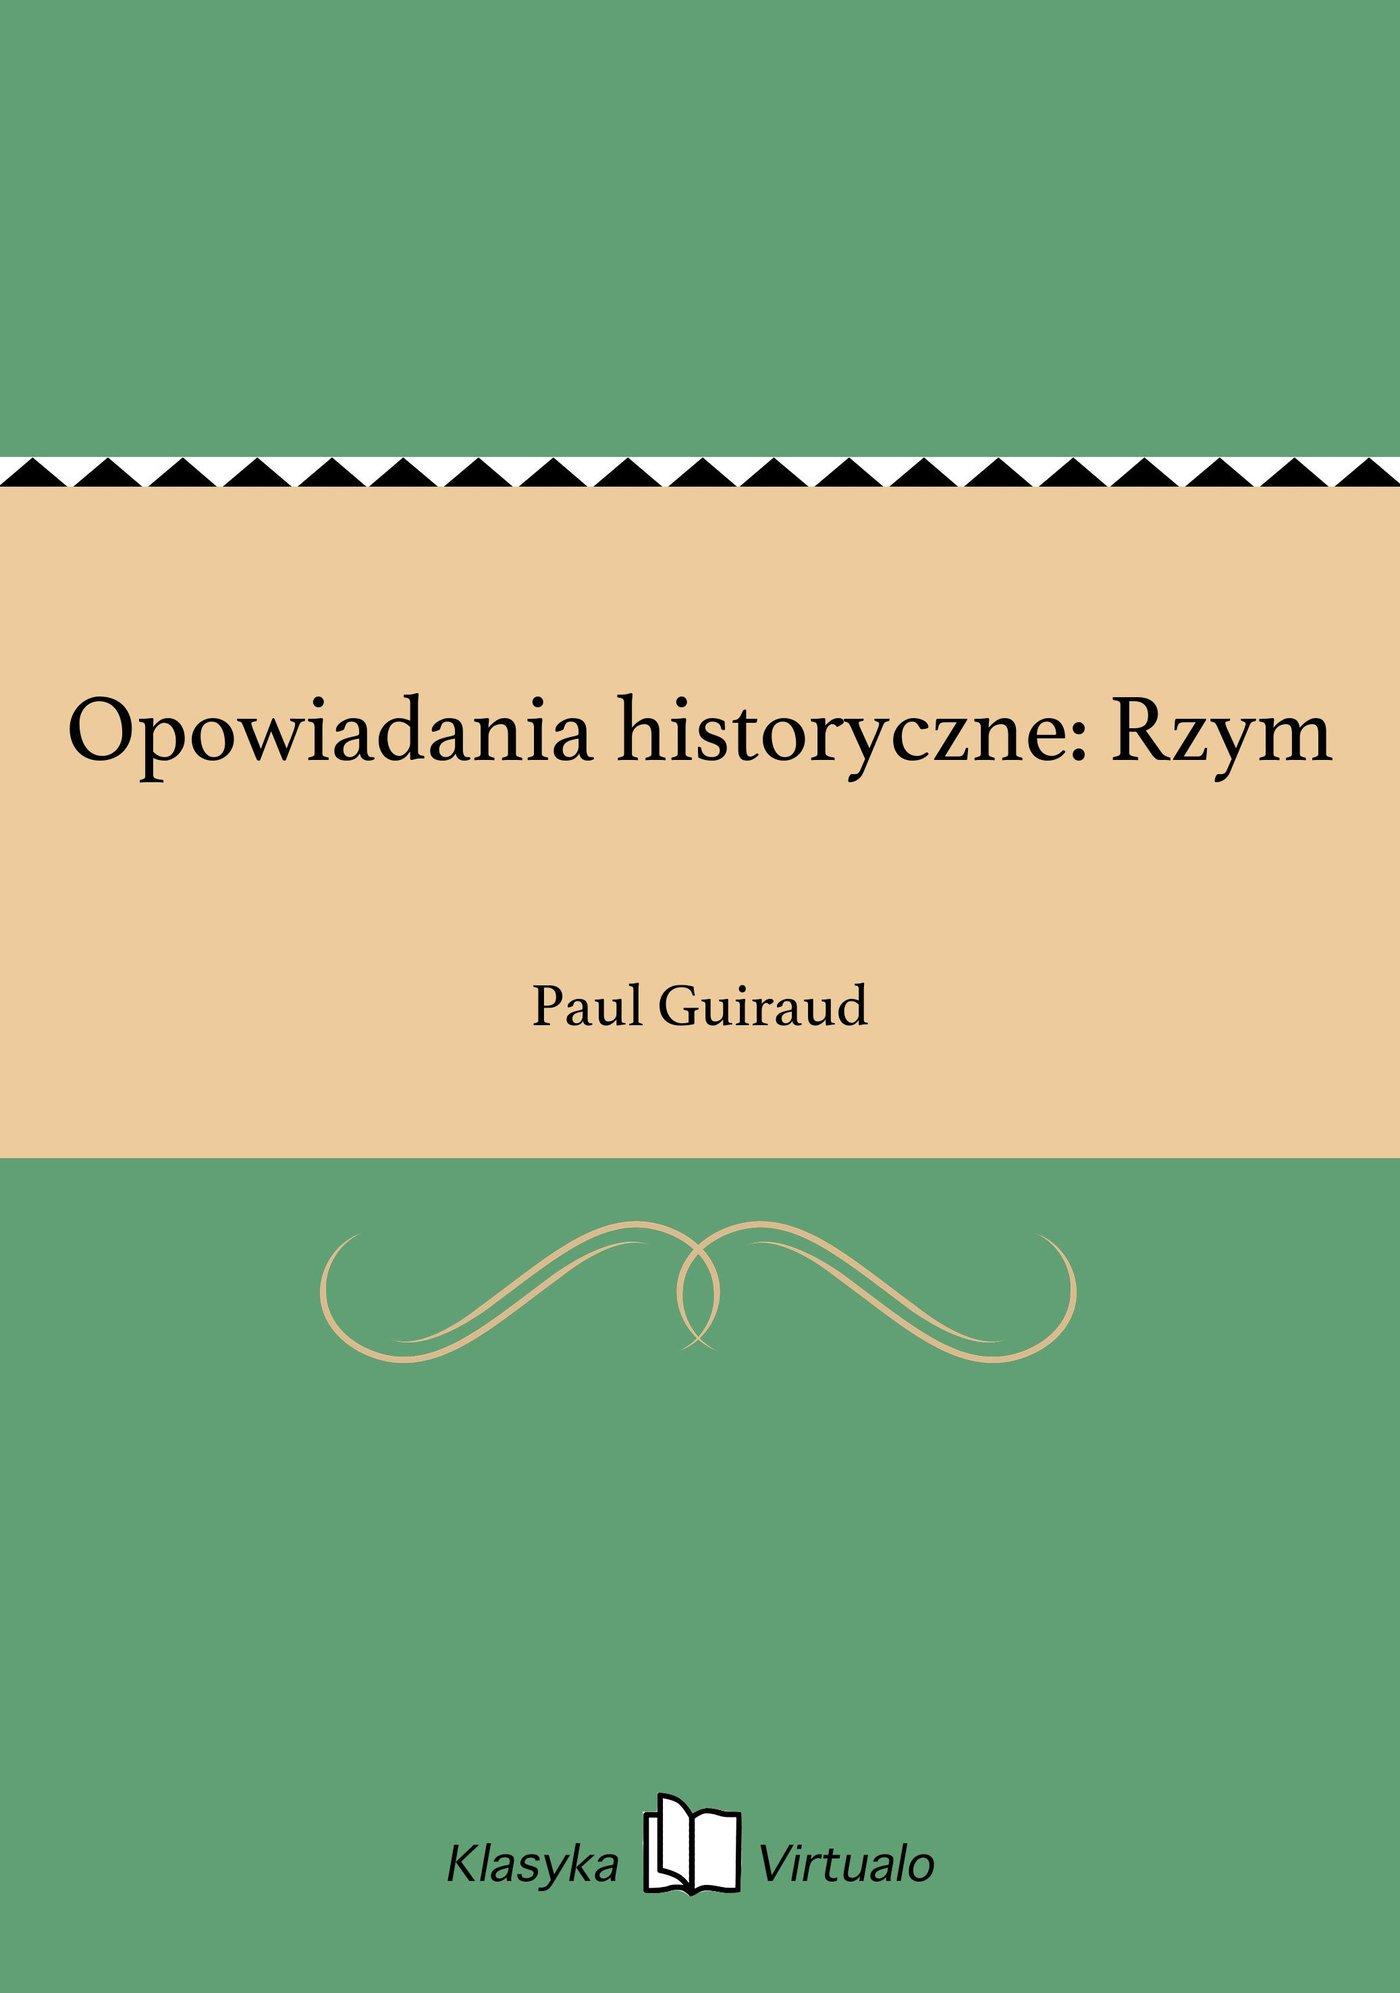 Opowiadania historyczne: Rzym - Ebook (Książka EPUB) do pobrania w formacie EPUB